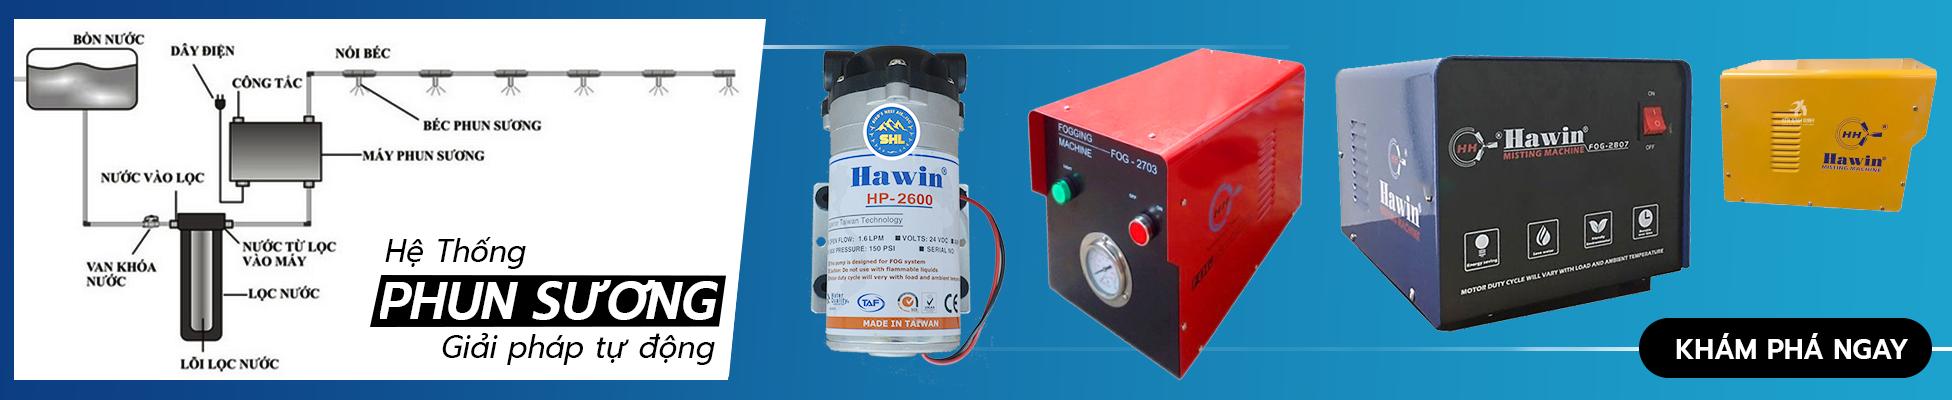 Lắp đặt hệ thống dàn phun sương giá rẻ tại TP HCM